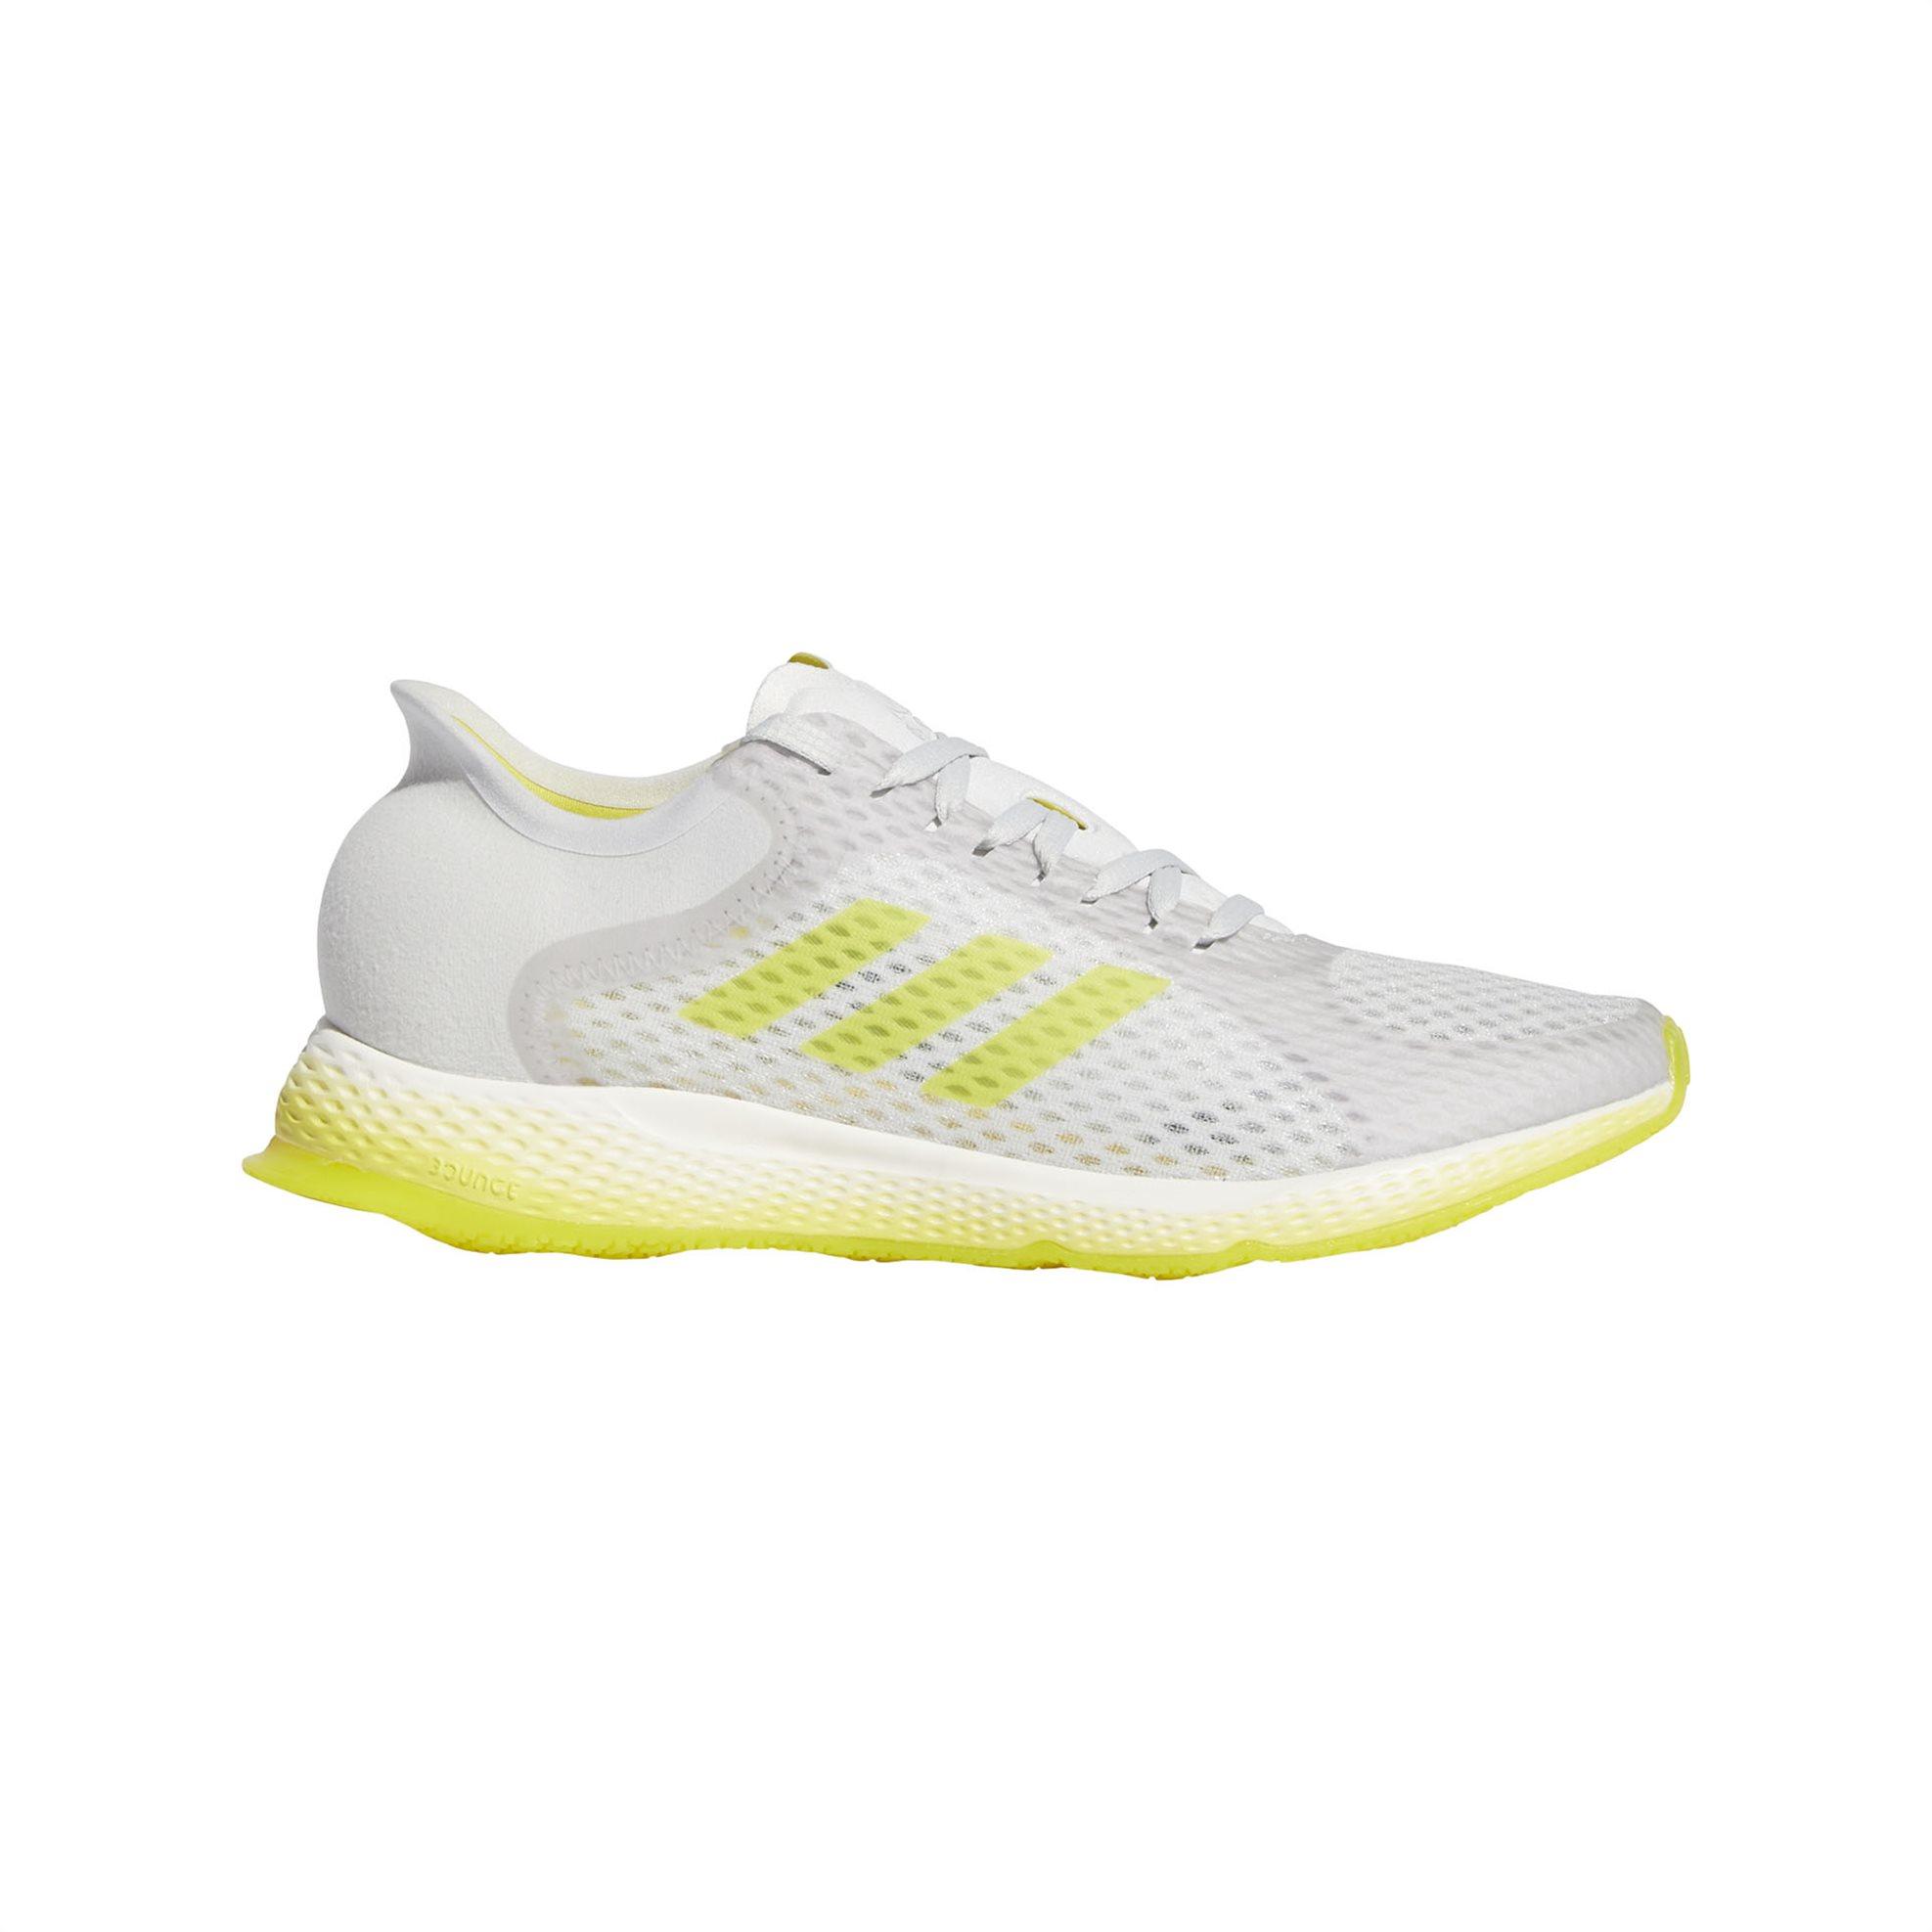 Adidas γυναικεία αθλητικά παπούτσια Focusbreathein – EG1096 – Γκρι